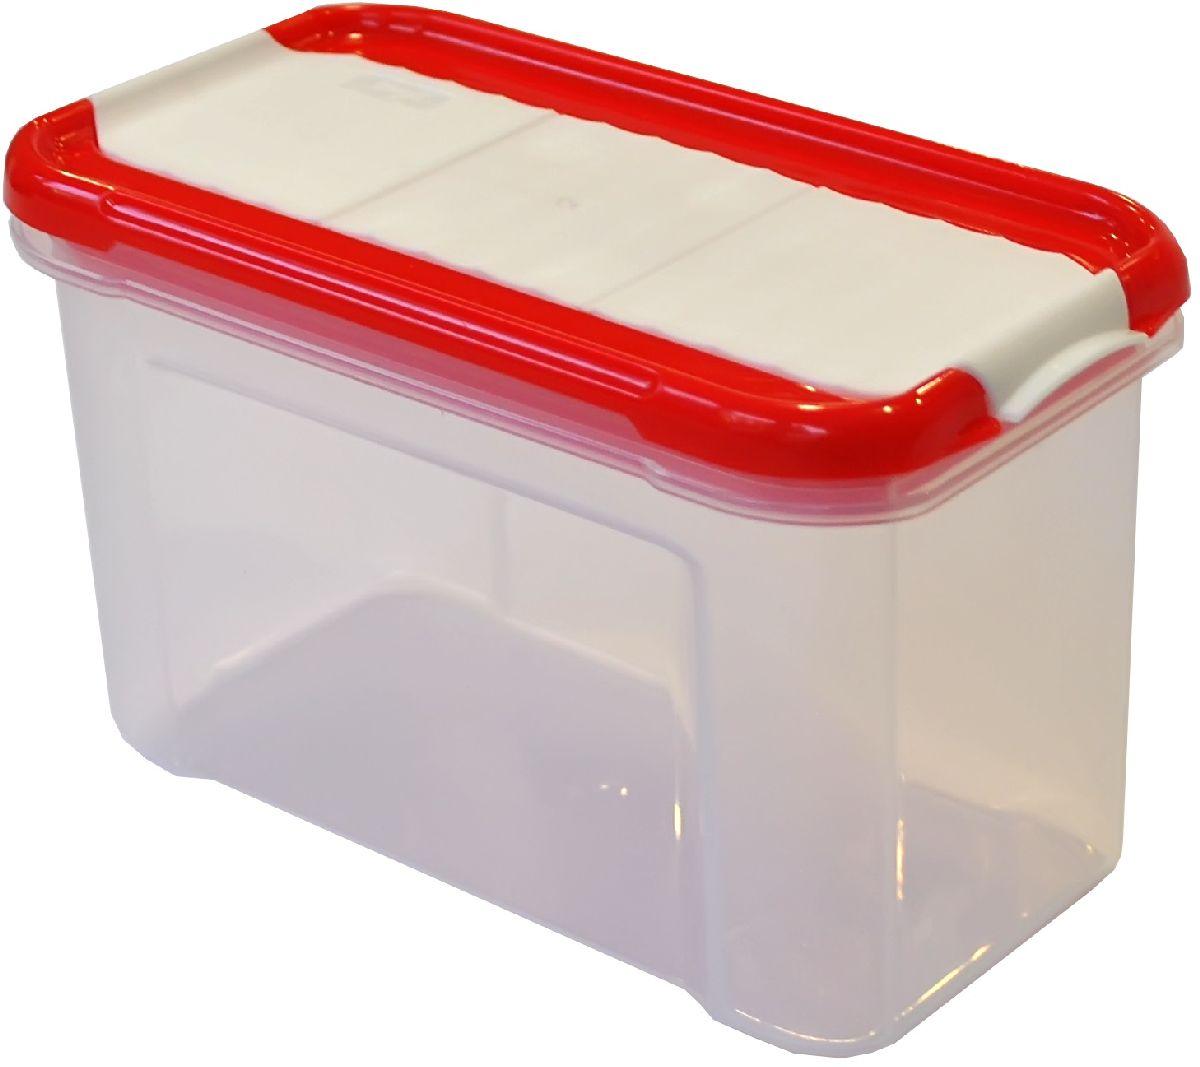 Банка для сыпучих продуктов Giaretti Krupa, с дозатором, цвет: красный, прозрачный, 0,75 лGR2235ЧЕРИБанки для сыпучих продуктов предназначены для хранения круп, сахара, макаронных изделий, сладостей и т.п., в том числе для продуктов с ярким ароматом (специи и пр.). Строгая прямоугольная форма банок поможет Вам организовать пространство максимально комфортно, не теряя полезную площадь. При этом банки устанавливаются одна на другую, что способствует экономии пространства в Вашем шкафу. Плотная крышка не пропускает запахи, и они не смешиваются в Вашем шкафу. Благодаря разнообразным отверстиям в дозаторе, Вам будет удобно насыпать как мелкие, так и крупные сыпучие продукты, что сделает процесс приготовления пищи проще.